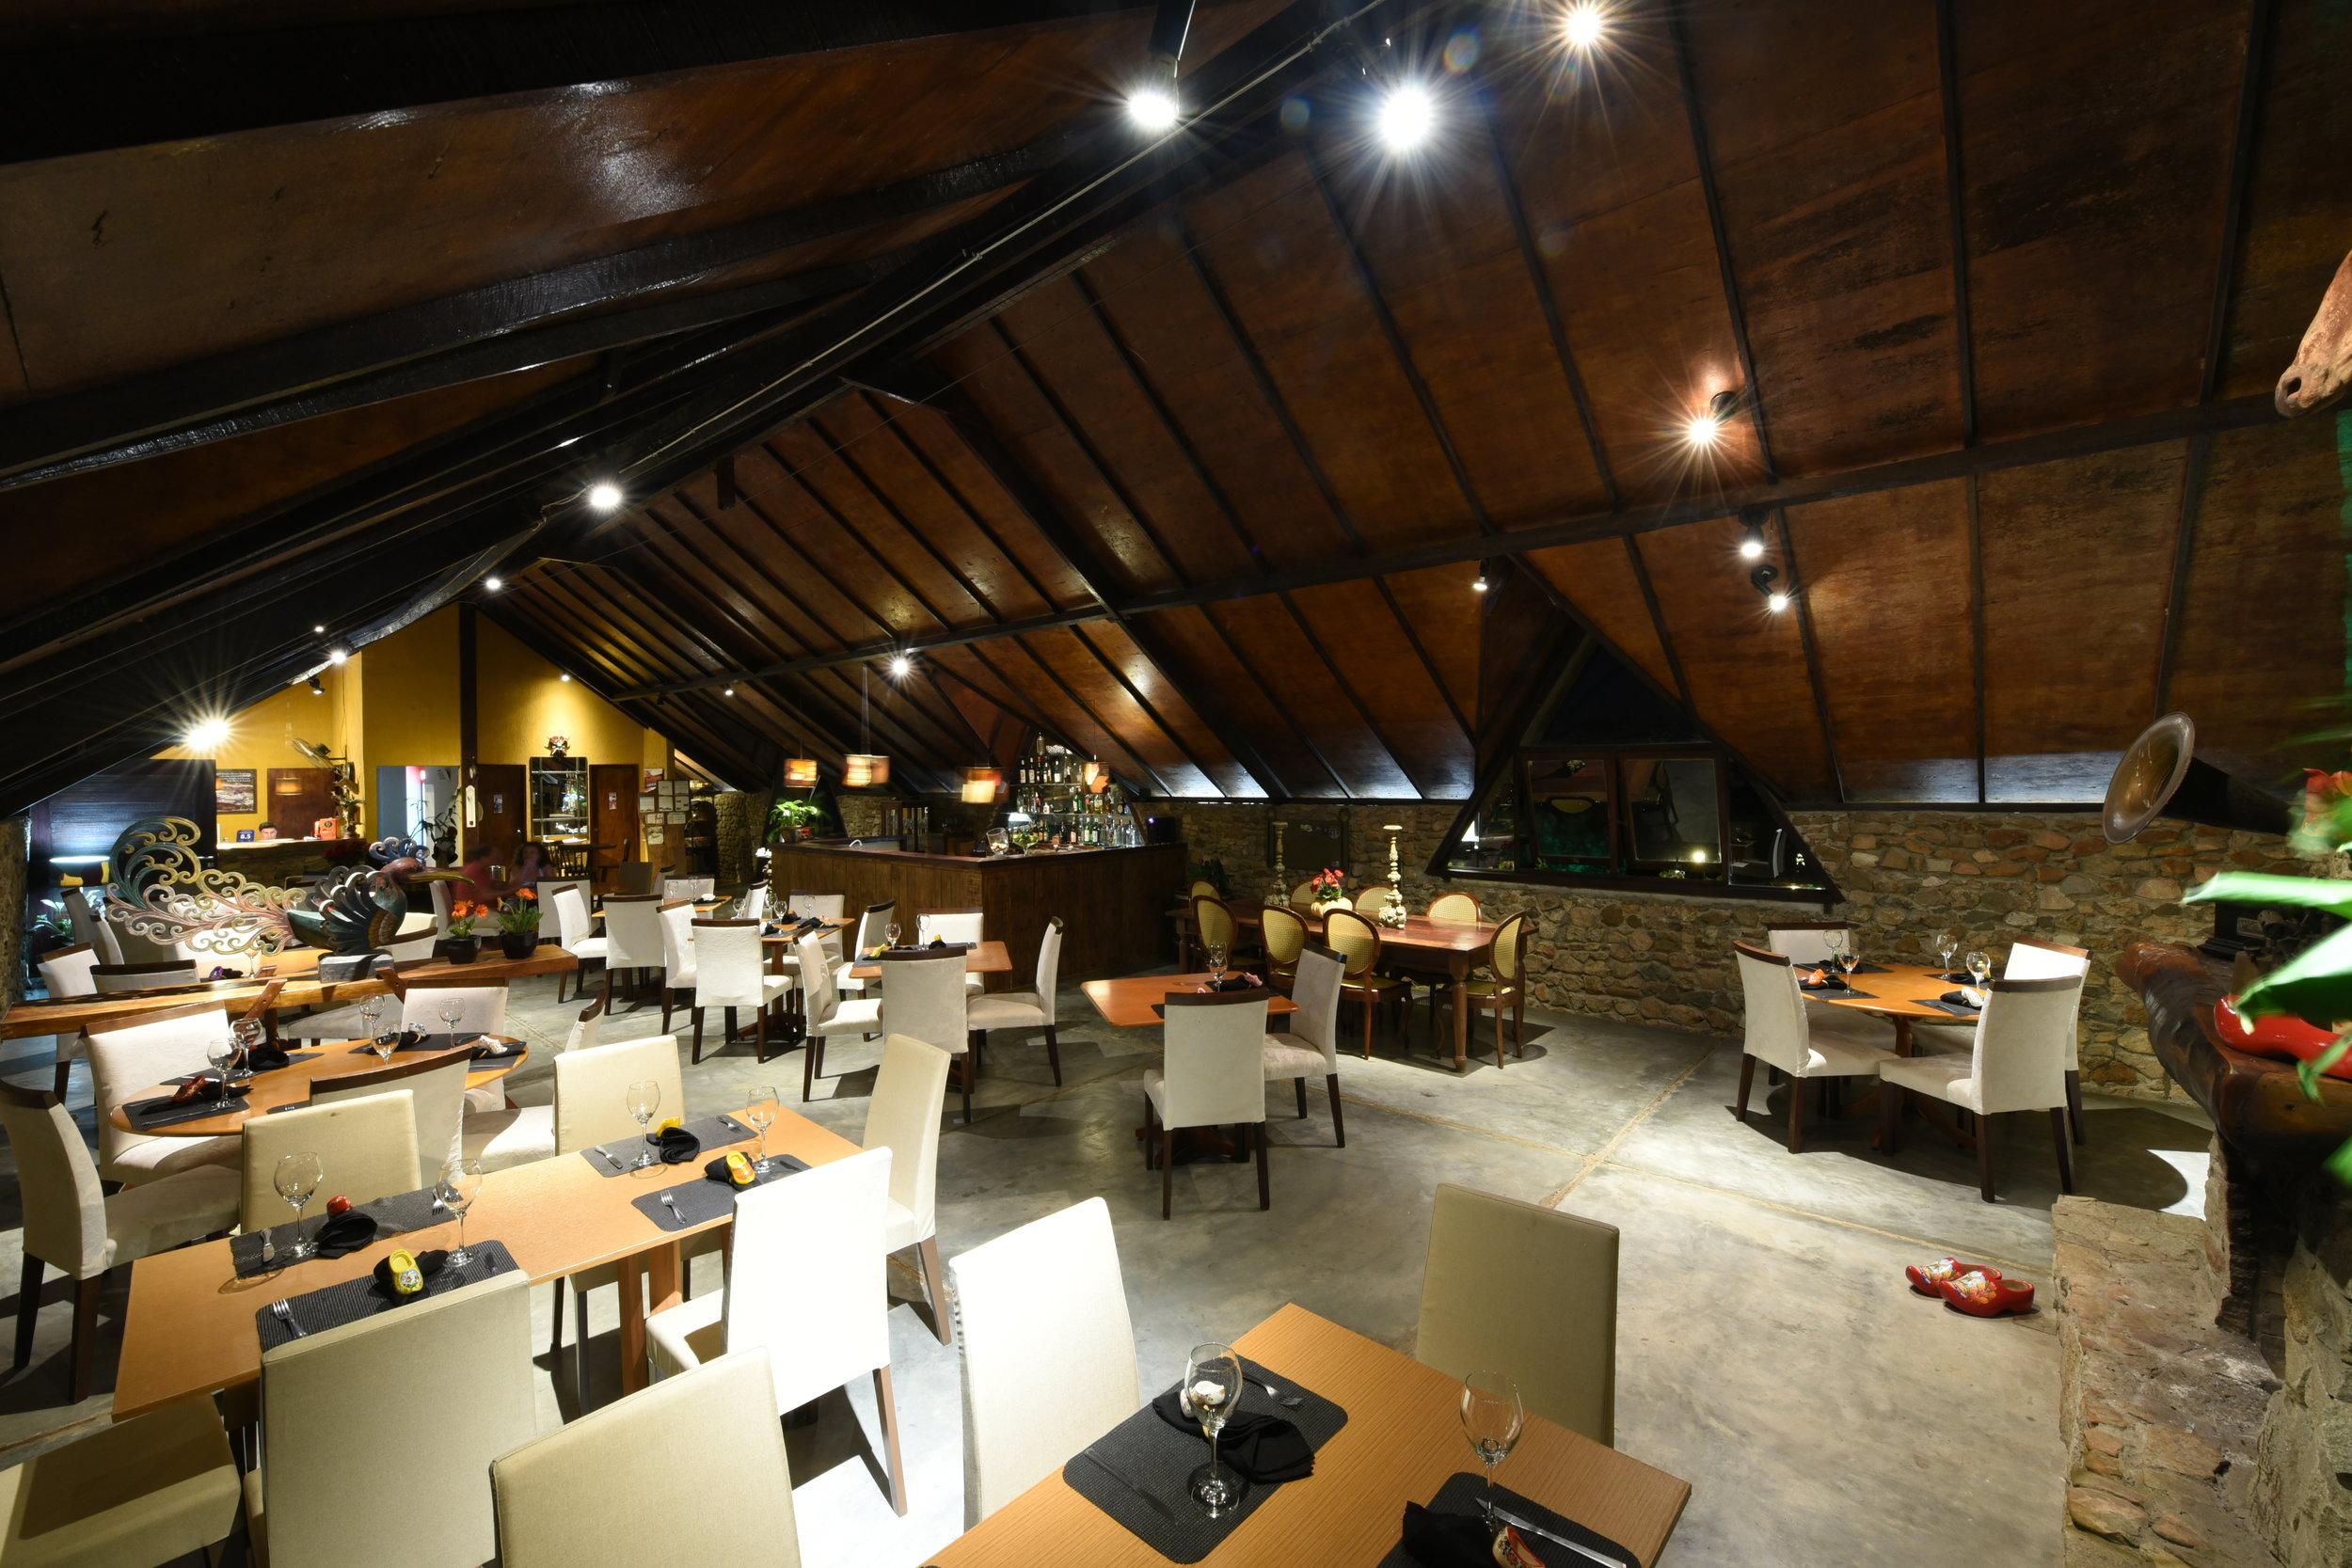 projeto-arquitetonico-pousadapedragrande-duo-arquitetura-08.JPG